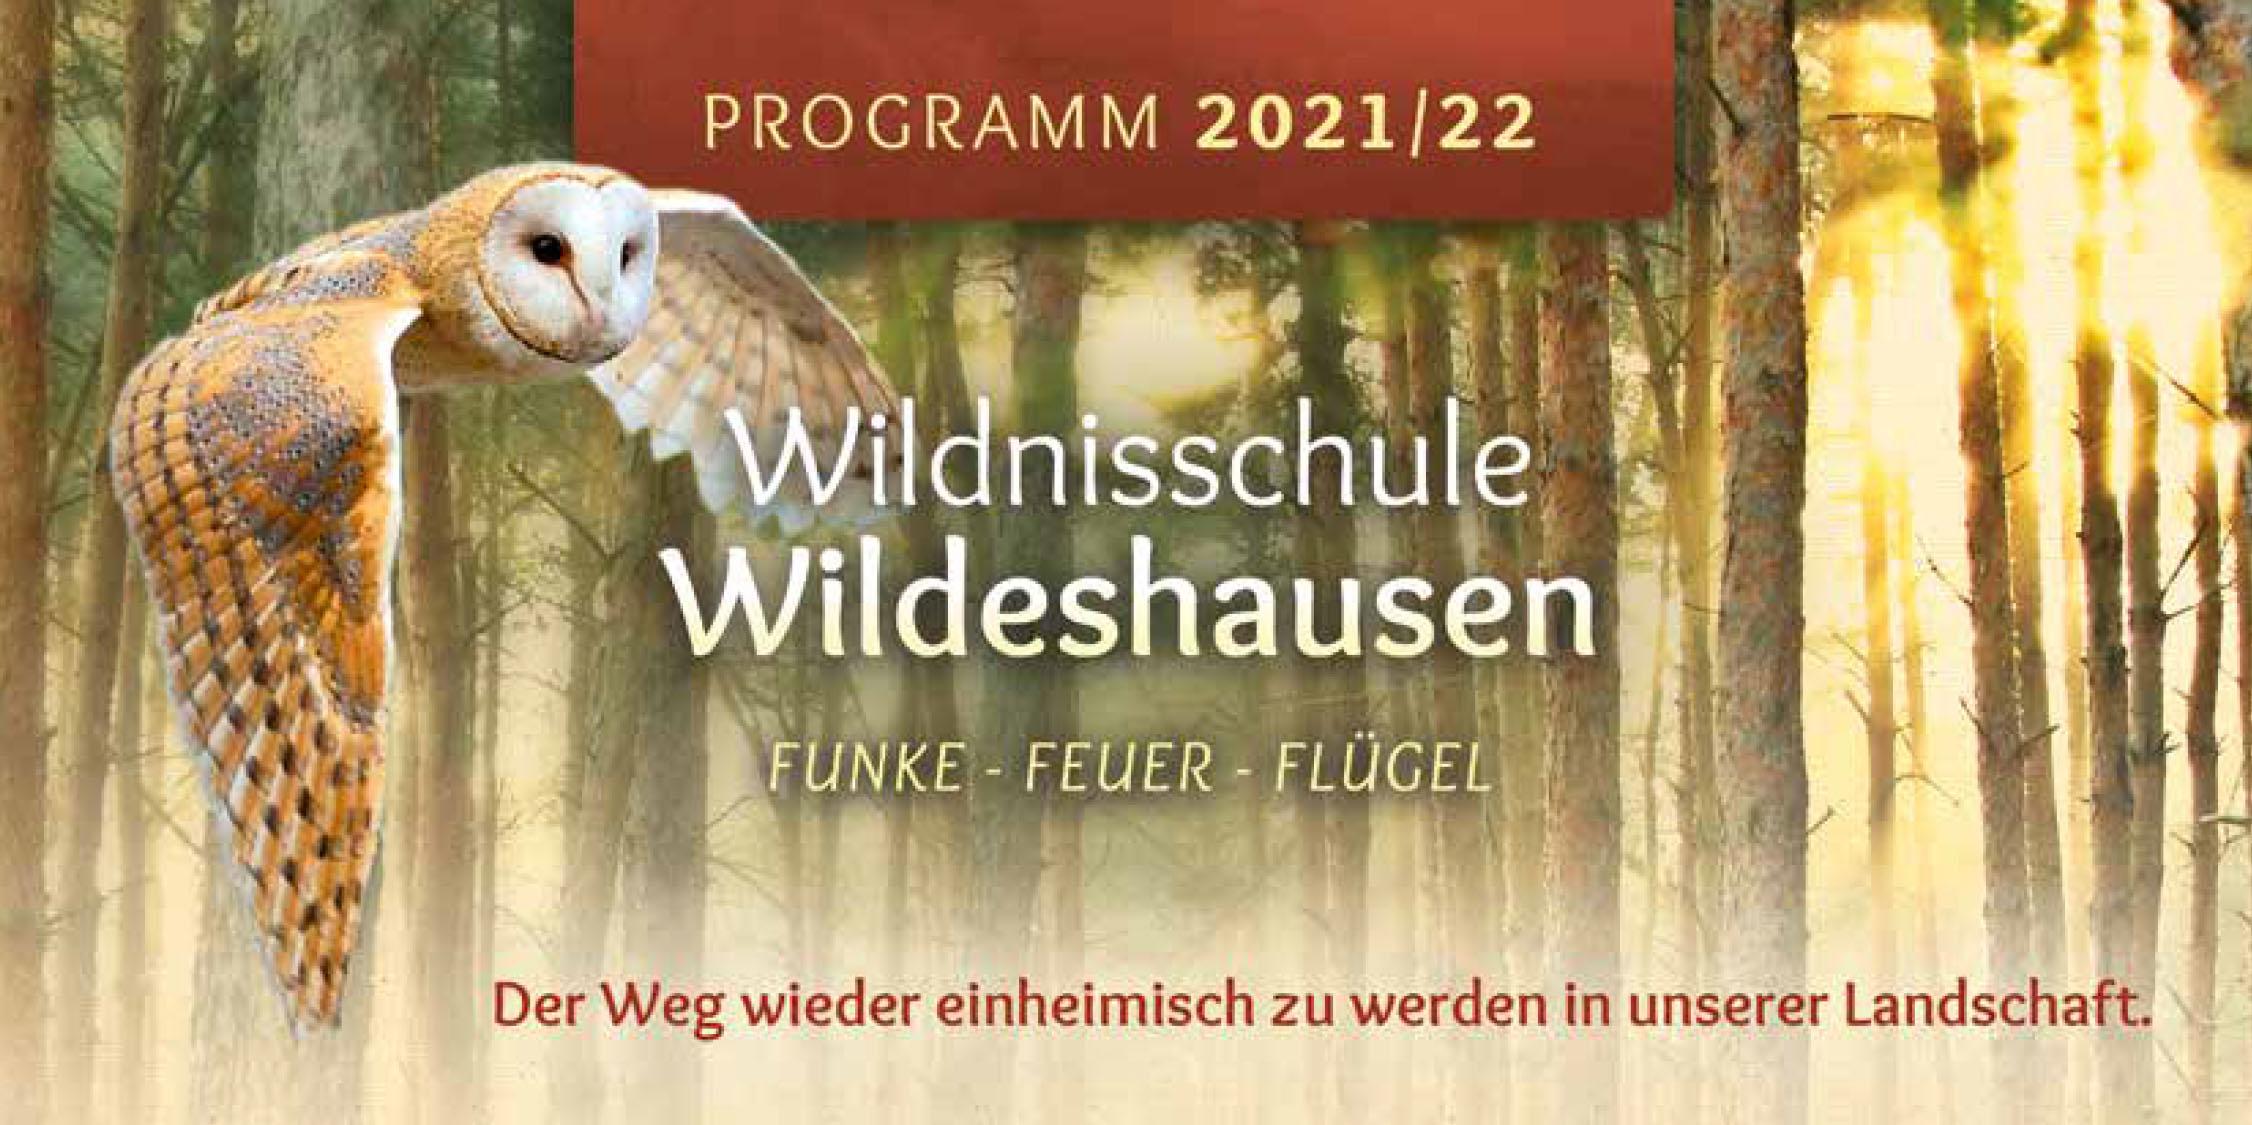 Titelbild Programm 2021